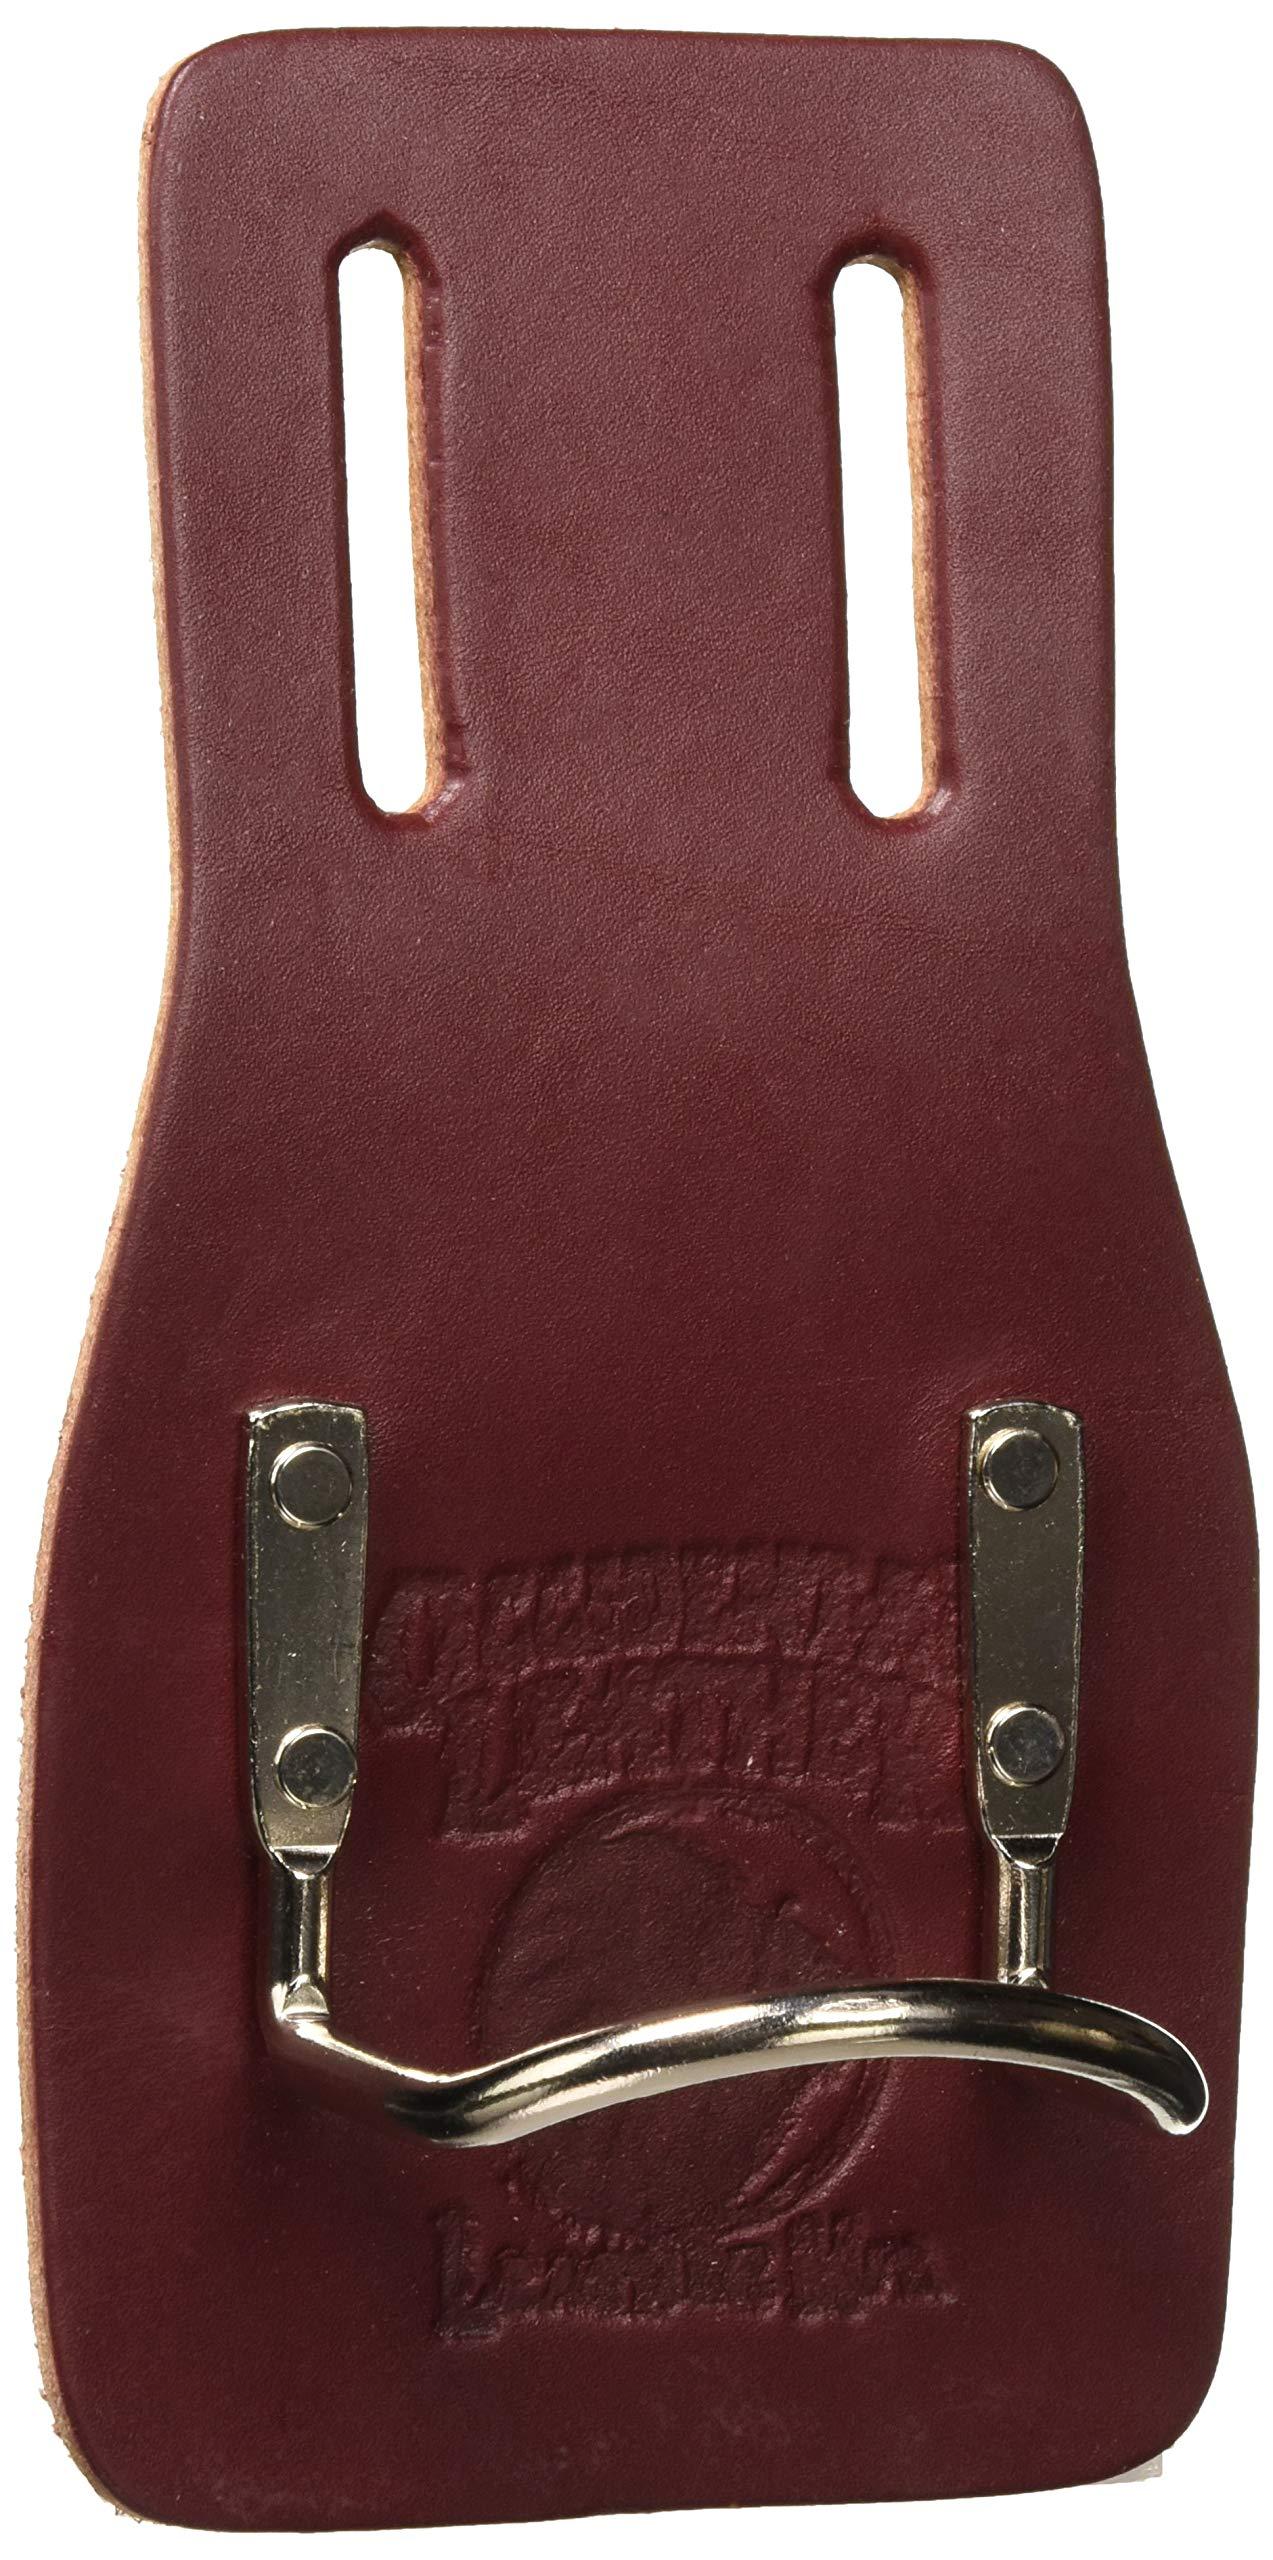 Occidental Leather 5156 2-inch Cradle Hammer Holder